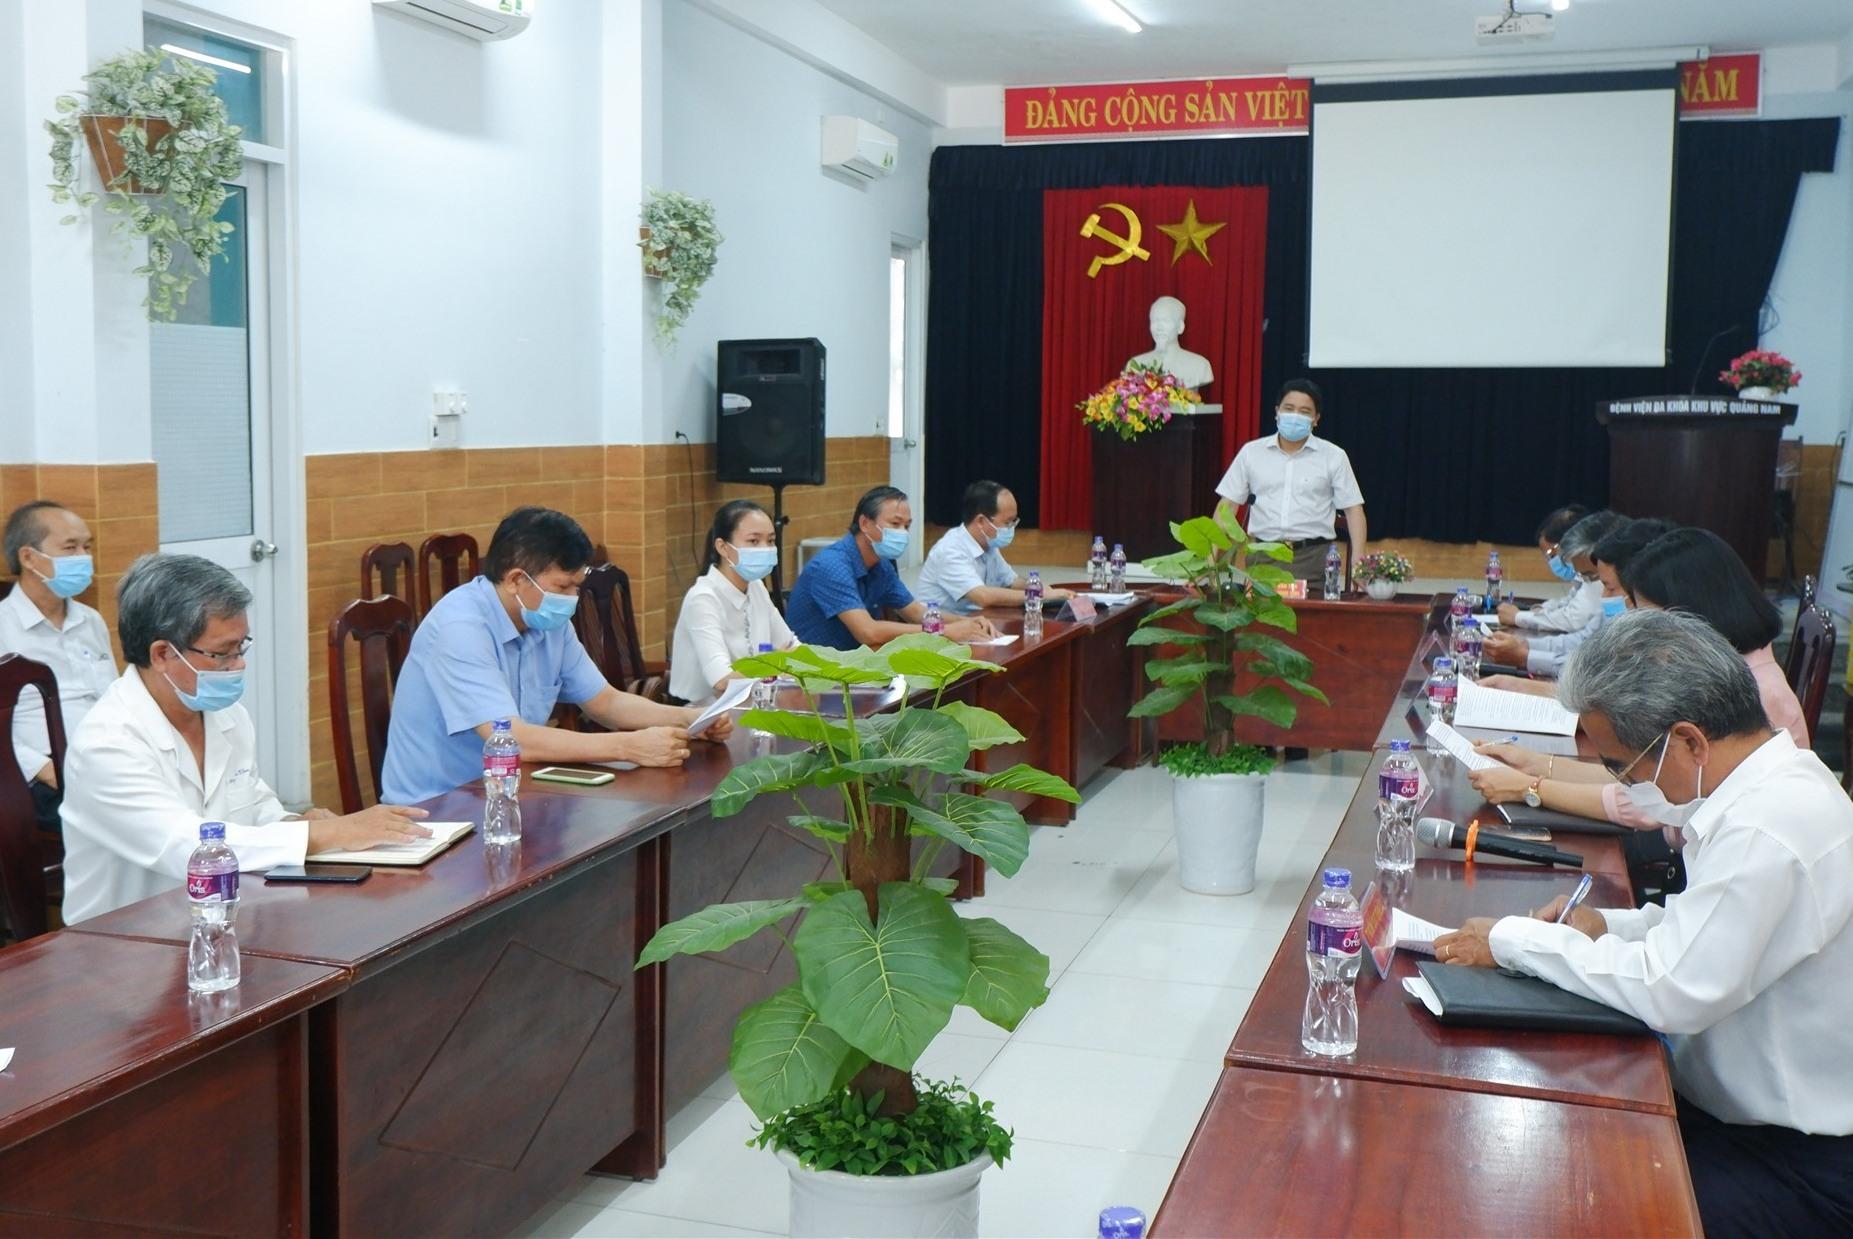 Phó Chủ tịch UBND tỉnh Trần Văn Tân chủ trì buổi làm việc cùng BV Đa khoa Khu vực Quảng Nam. Ảnh: X.H